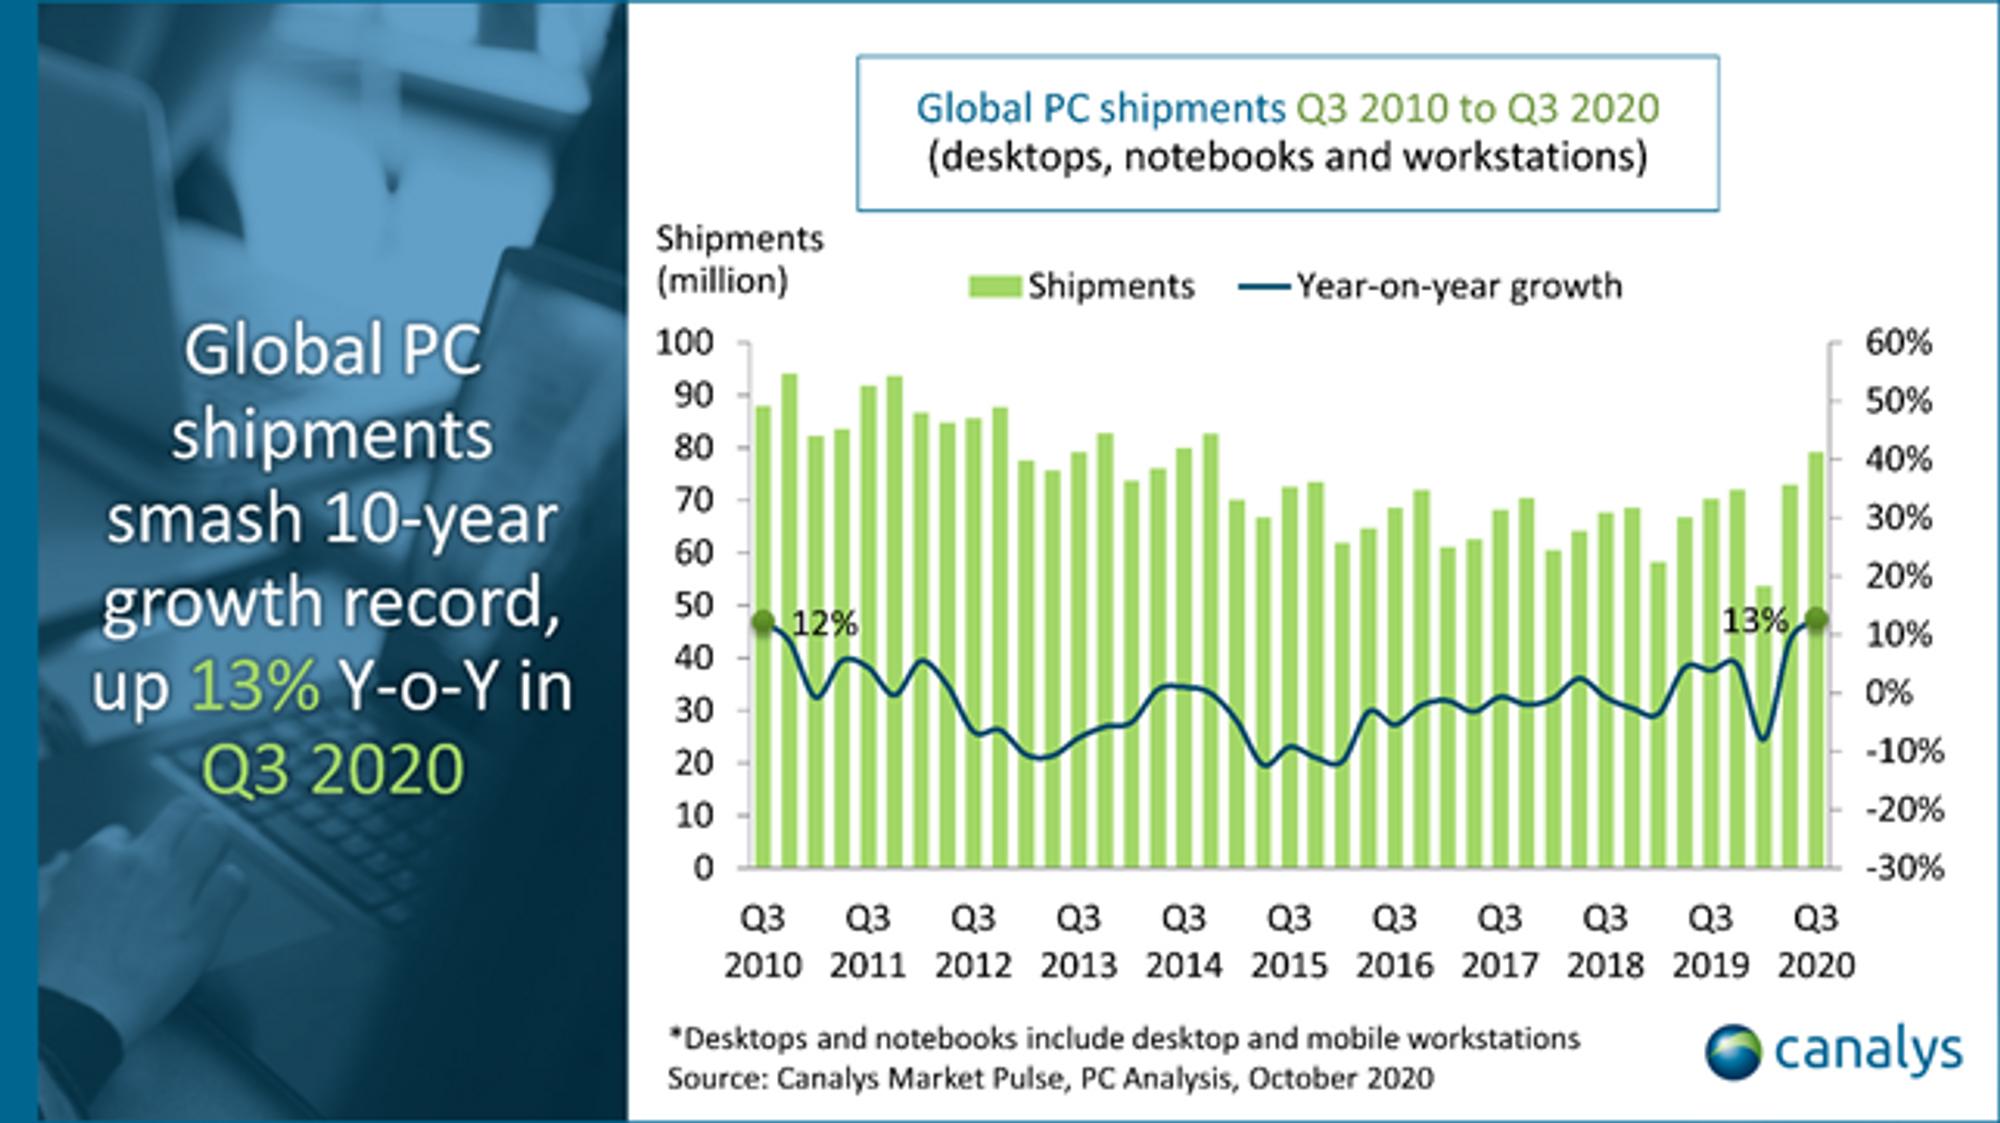 Leveranser og årlig vekst i PC-markedet i perioden 3. kvartal 2010 til 3. kvartal 2020.